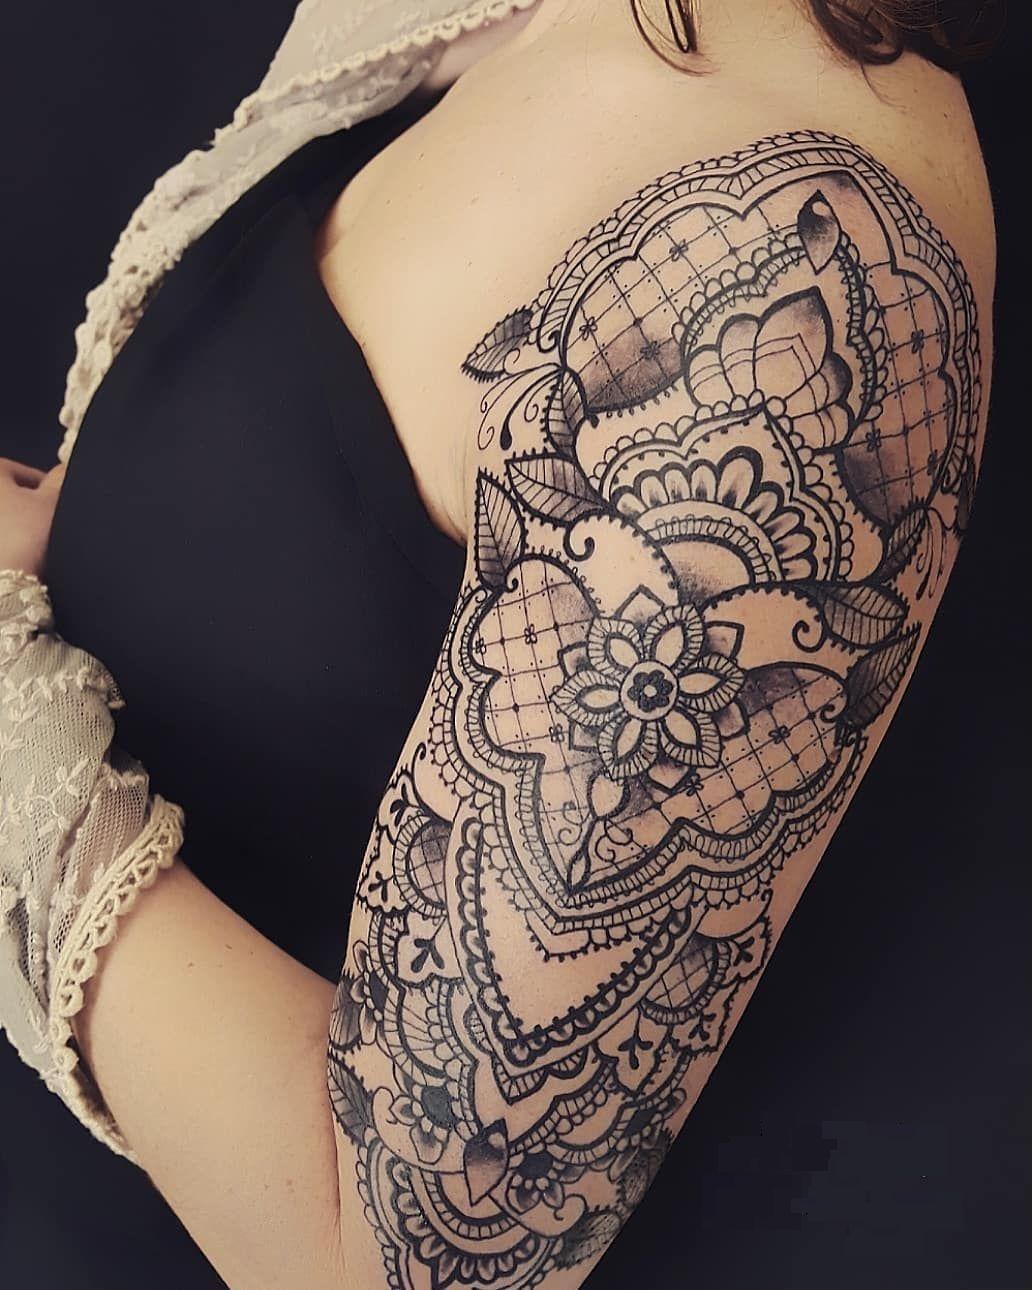 Lace Tattoo Ideas C Tattoo Artist Alex Labeguerie Lace Tattoo Lace Shoulder Tattoo Lace Sleeve Tattoos